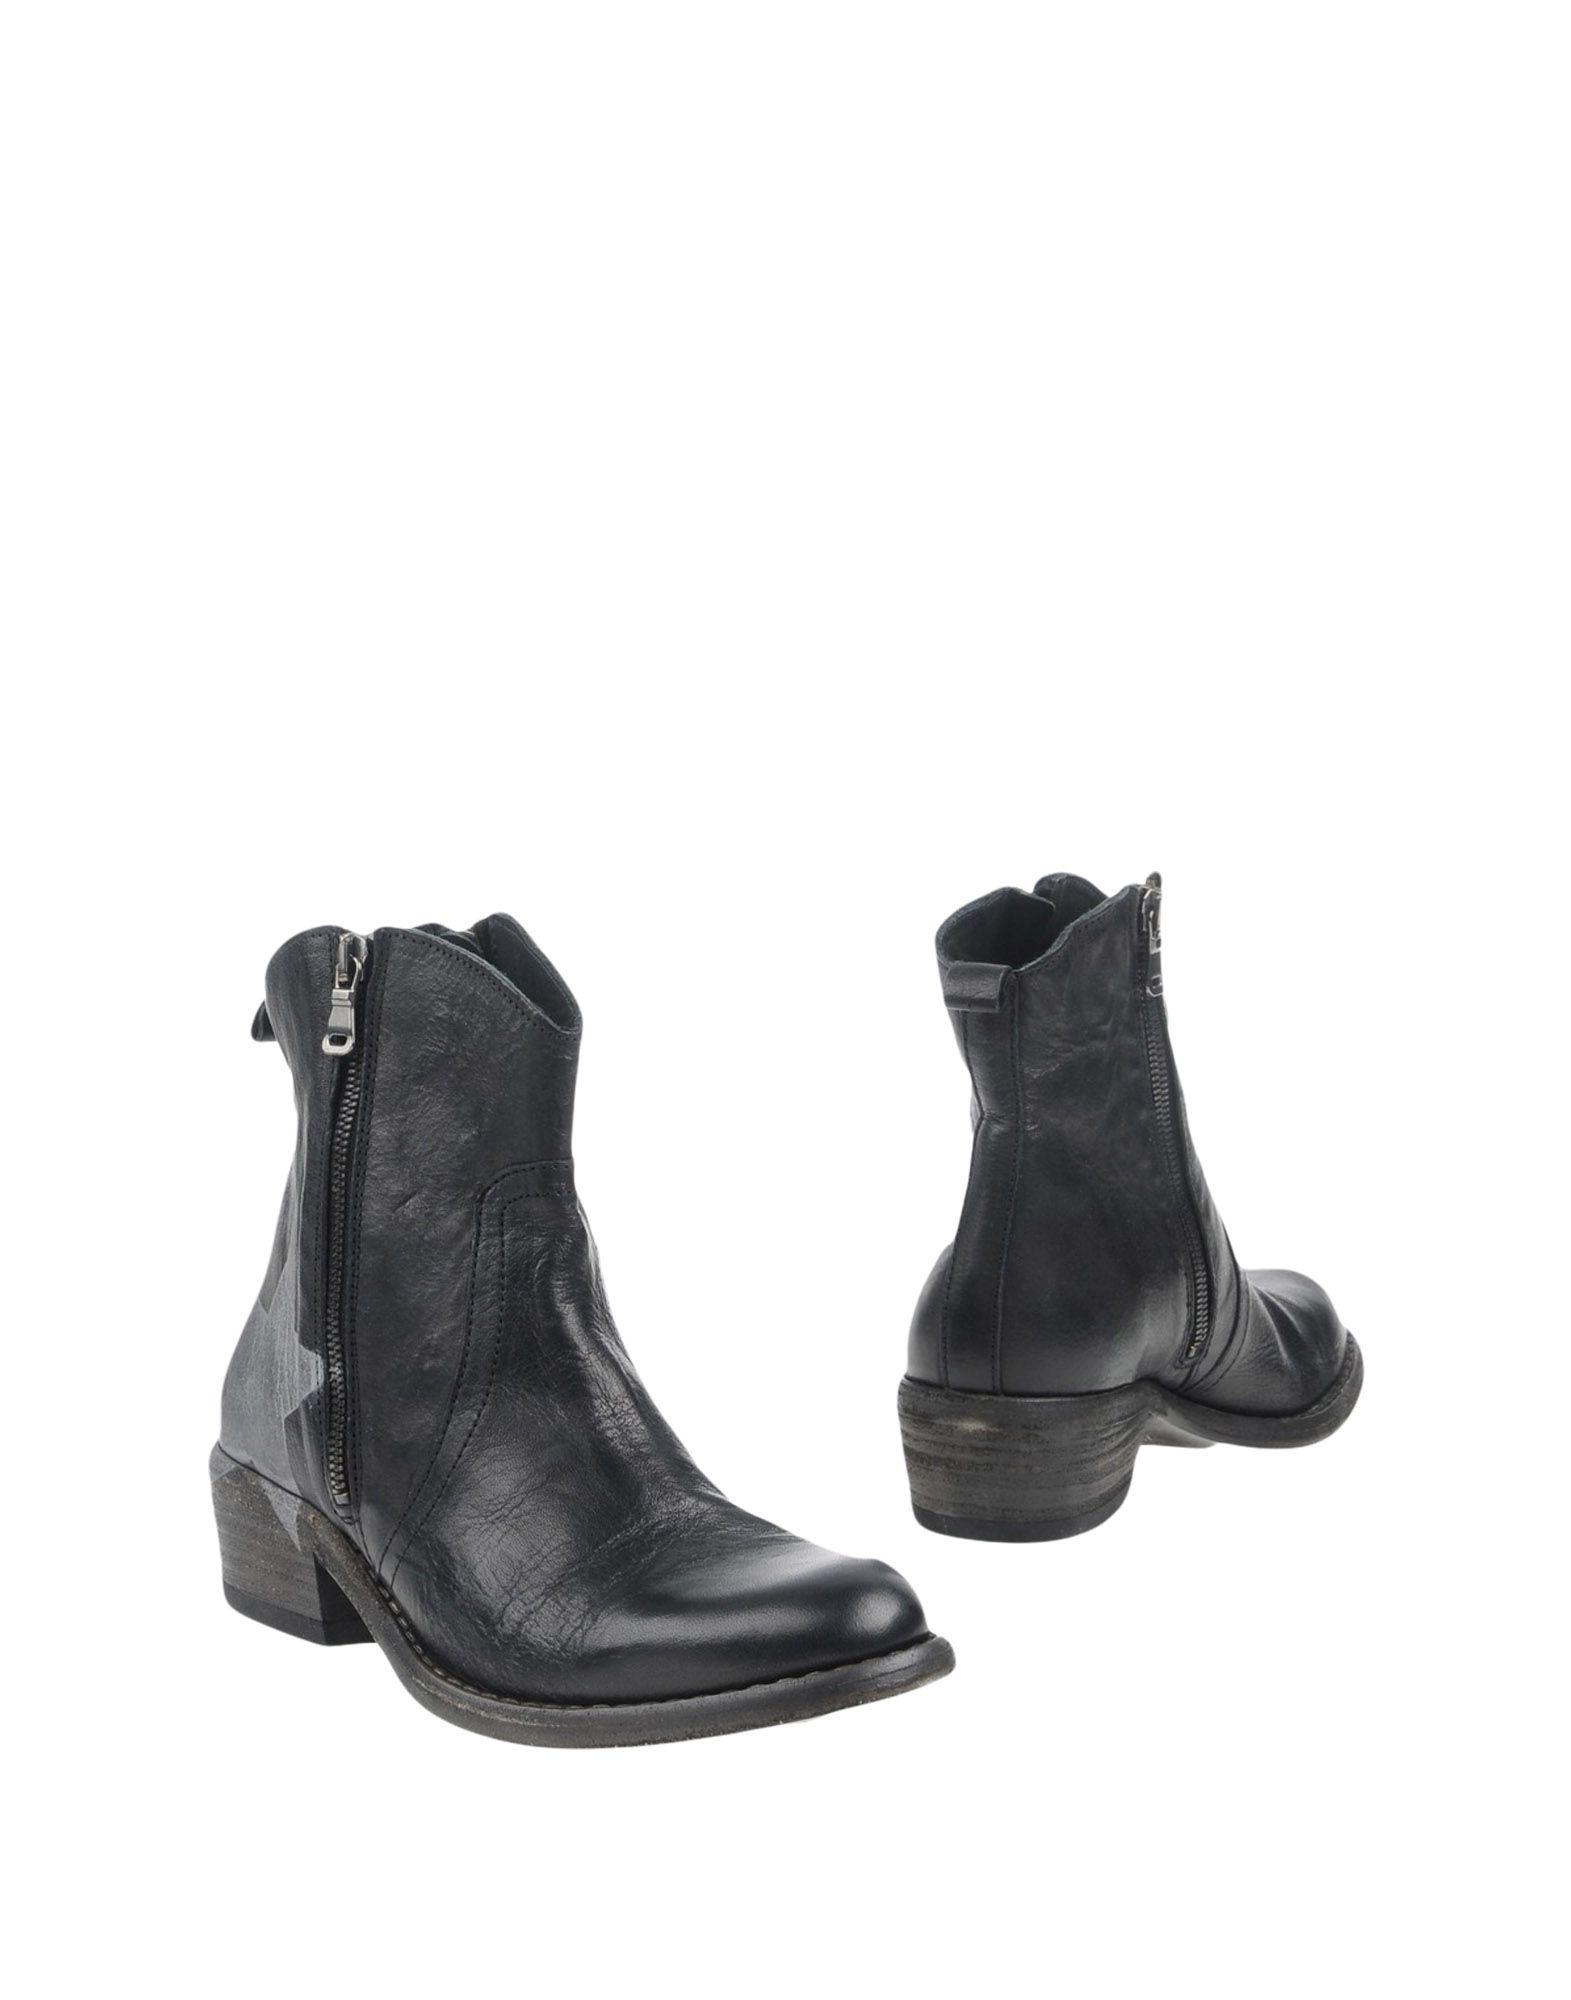 Nira Rubens Stiefelette Damen  11236682HP Gute Qualität beliebte Schuhe